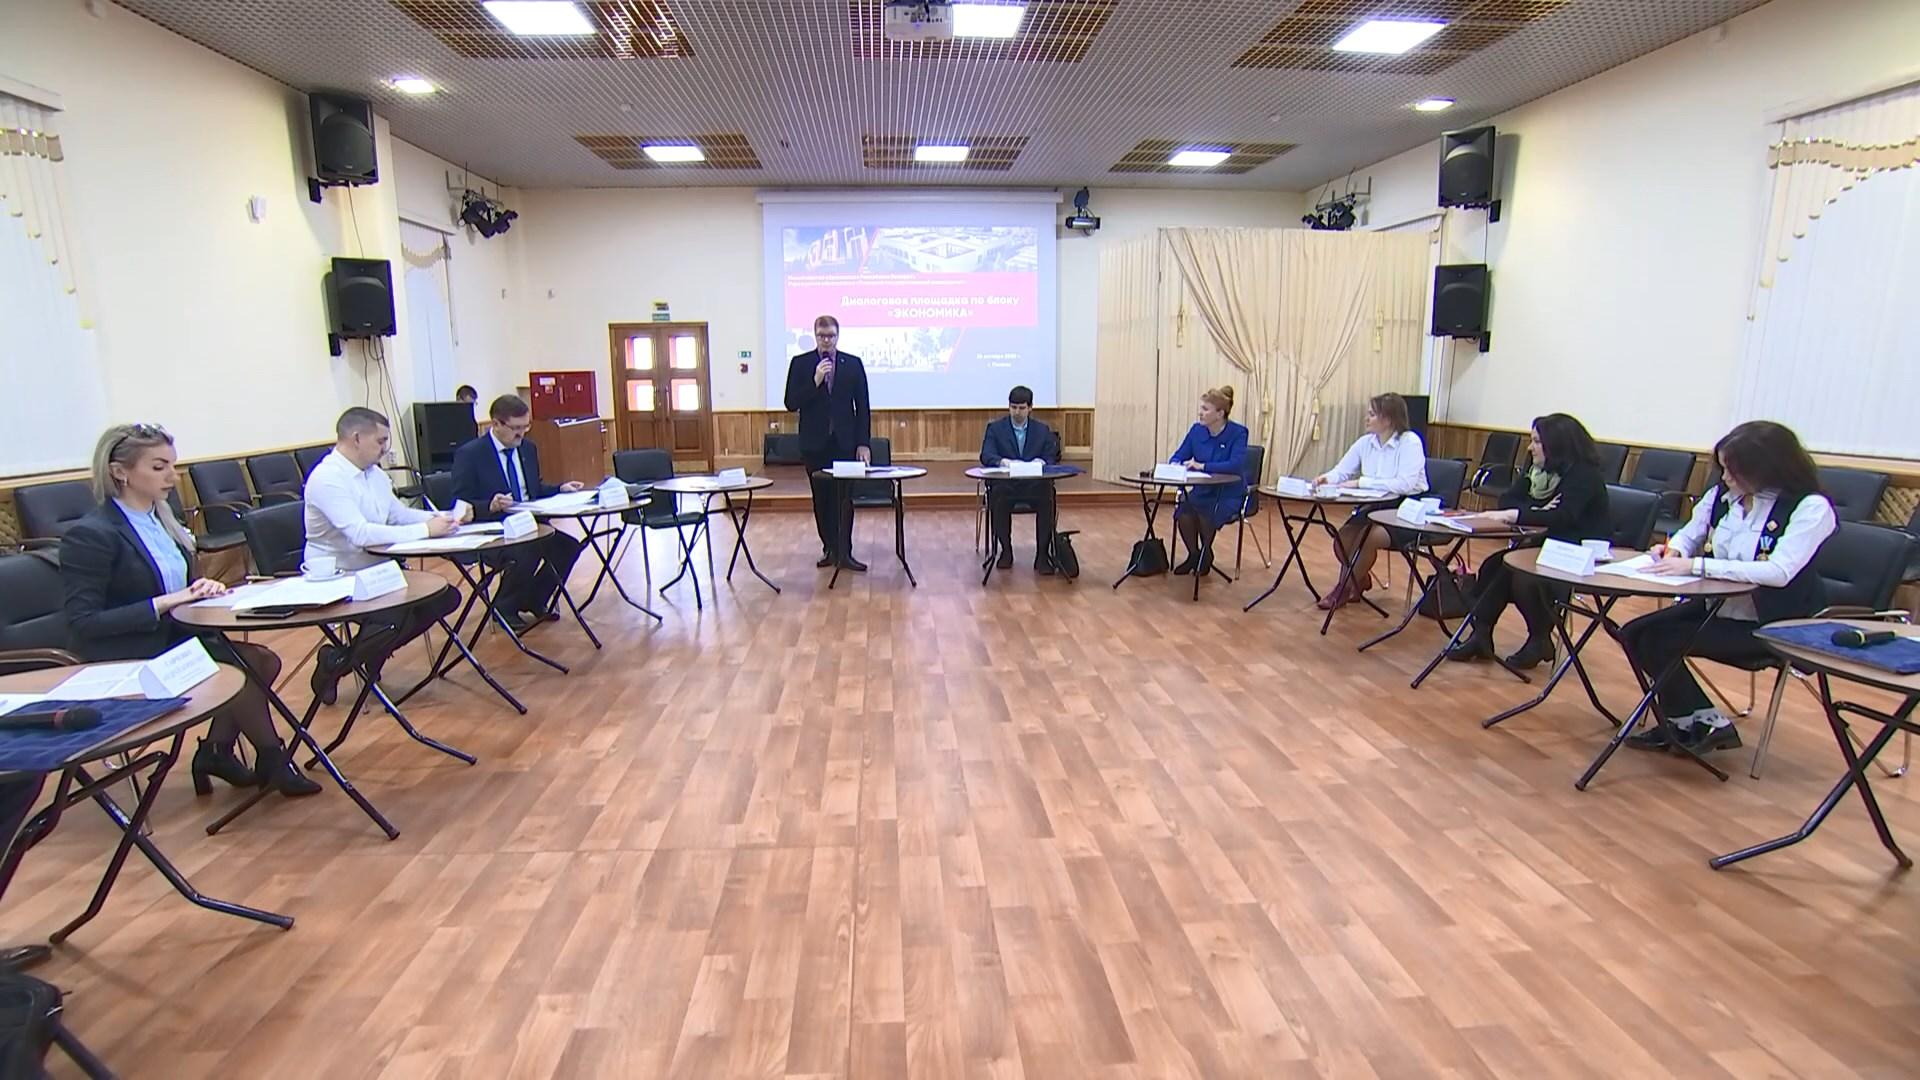 Экономическое развитие регионов и реформу местного самоуправления обсудили эксперты в Полоцке